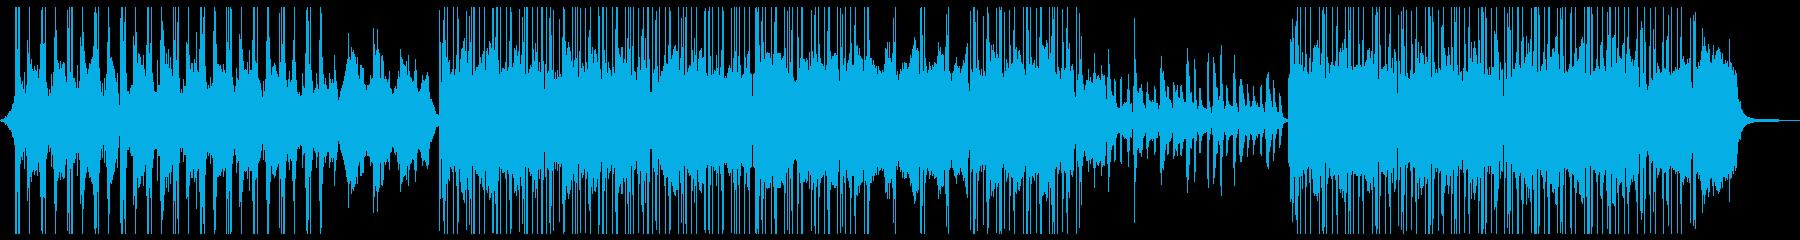 思考_リラックス_ストリングスの再生済みの波形